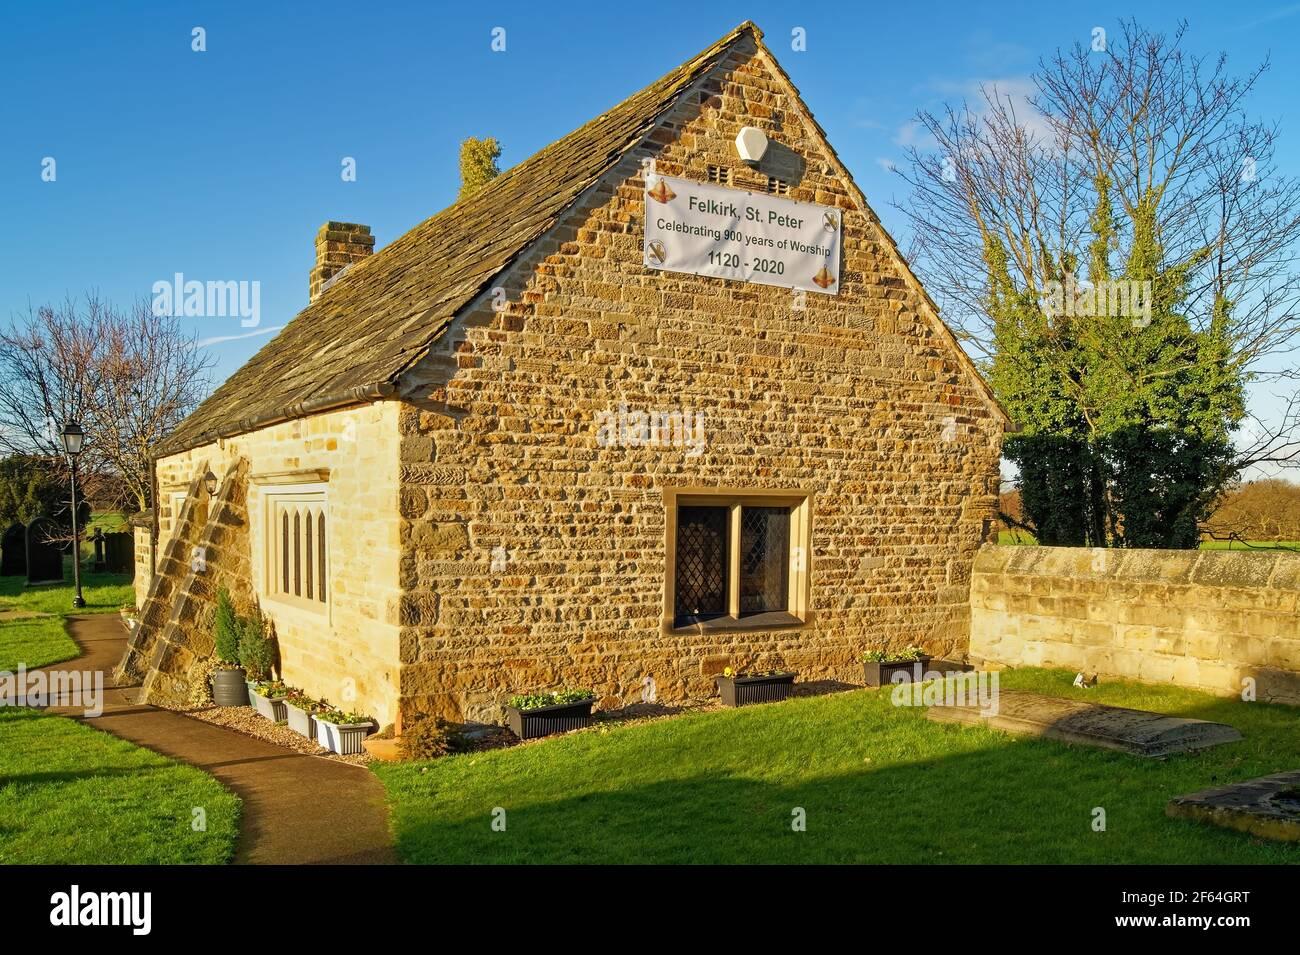 Regno Unito, West Yorkshire, Wakefield, Felkirk, St Peter's Church, Camera della vecchia scuola Foto Stock